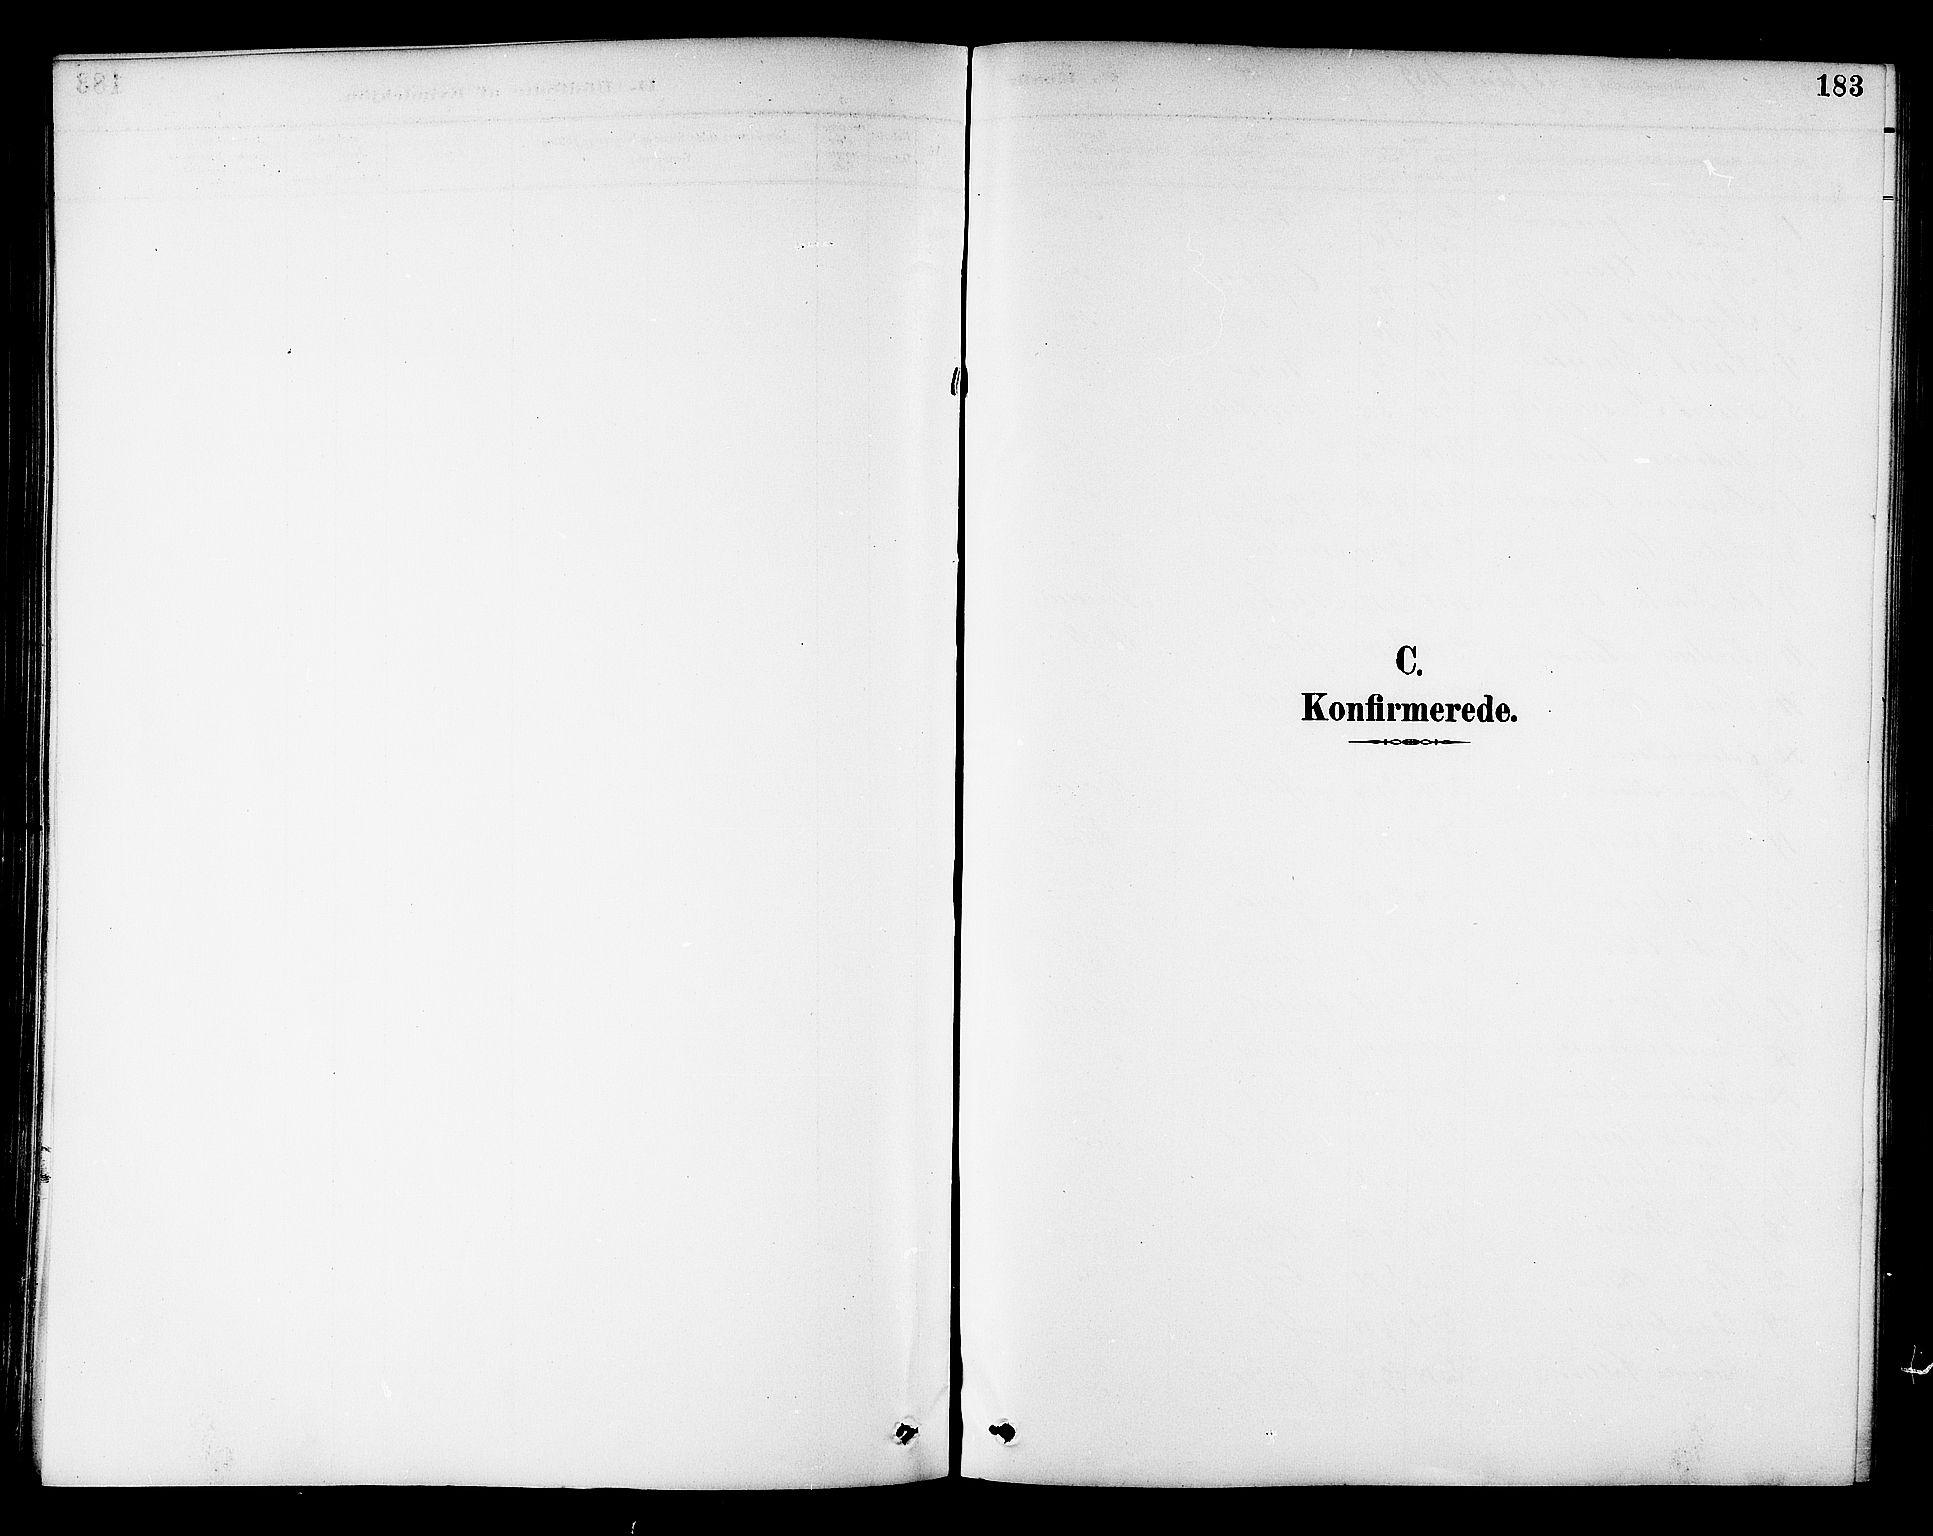 SAT, Ministerialprotokoller, klokkerbøker og fødselsregistre - Sør-Trøndelag, 695/L1157: Klokkerbok nr. 695C08, 1889-1913, s. 183